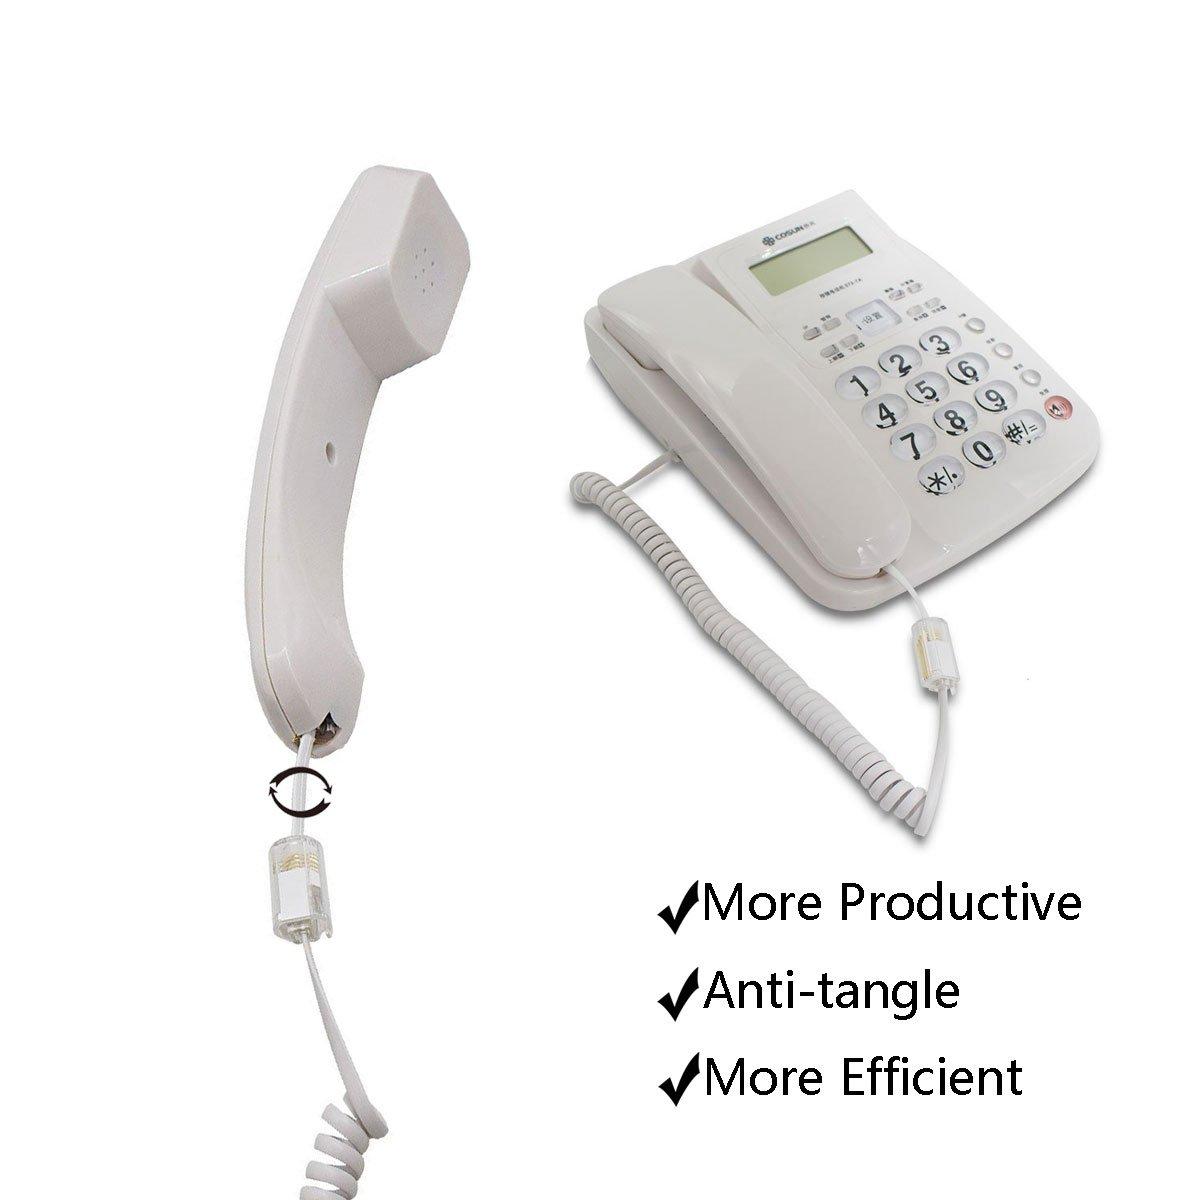 Telephone Cord Detangler 4 Pack Uvital Anti-Tangle Telephone Handset Cable 360 Degree Rotating Landline Swivel Cord Untangler Black